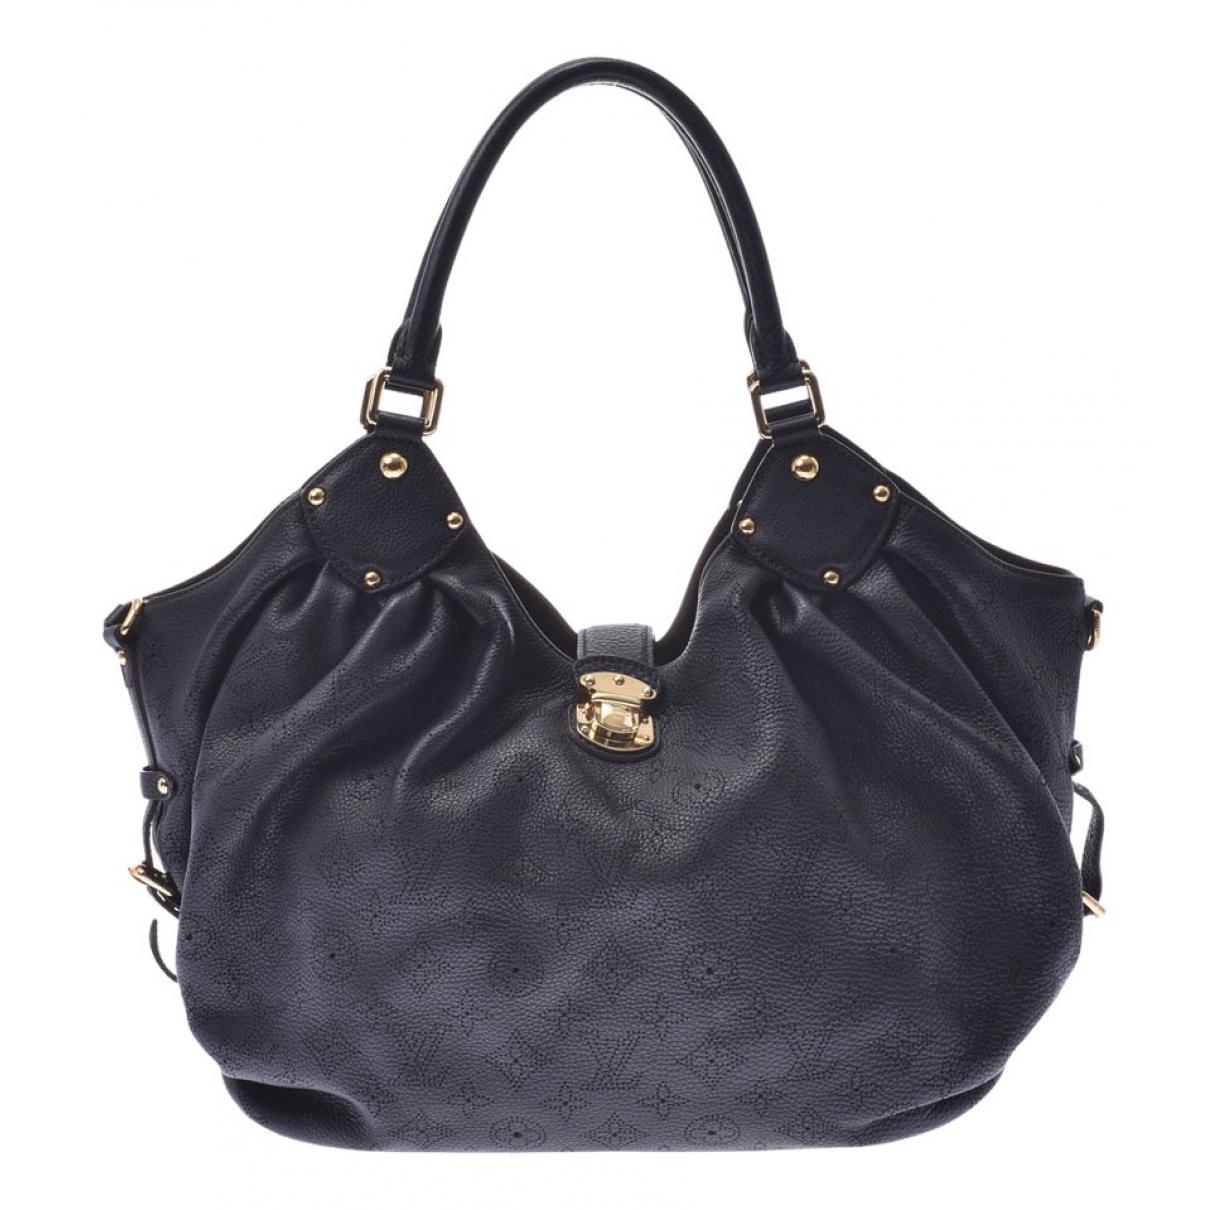 Louis Vuitton - Sac a main Mahina pour femme en toile - noir